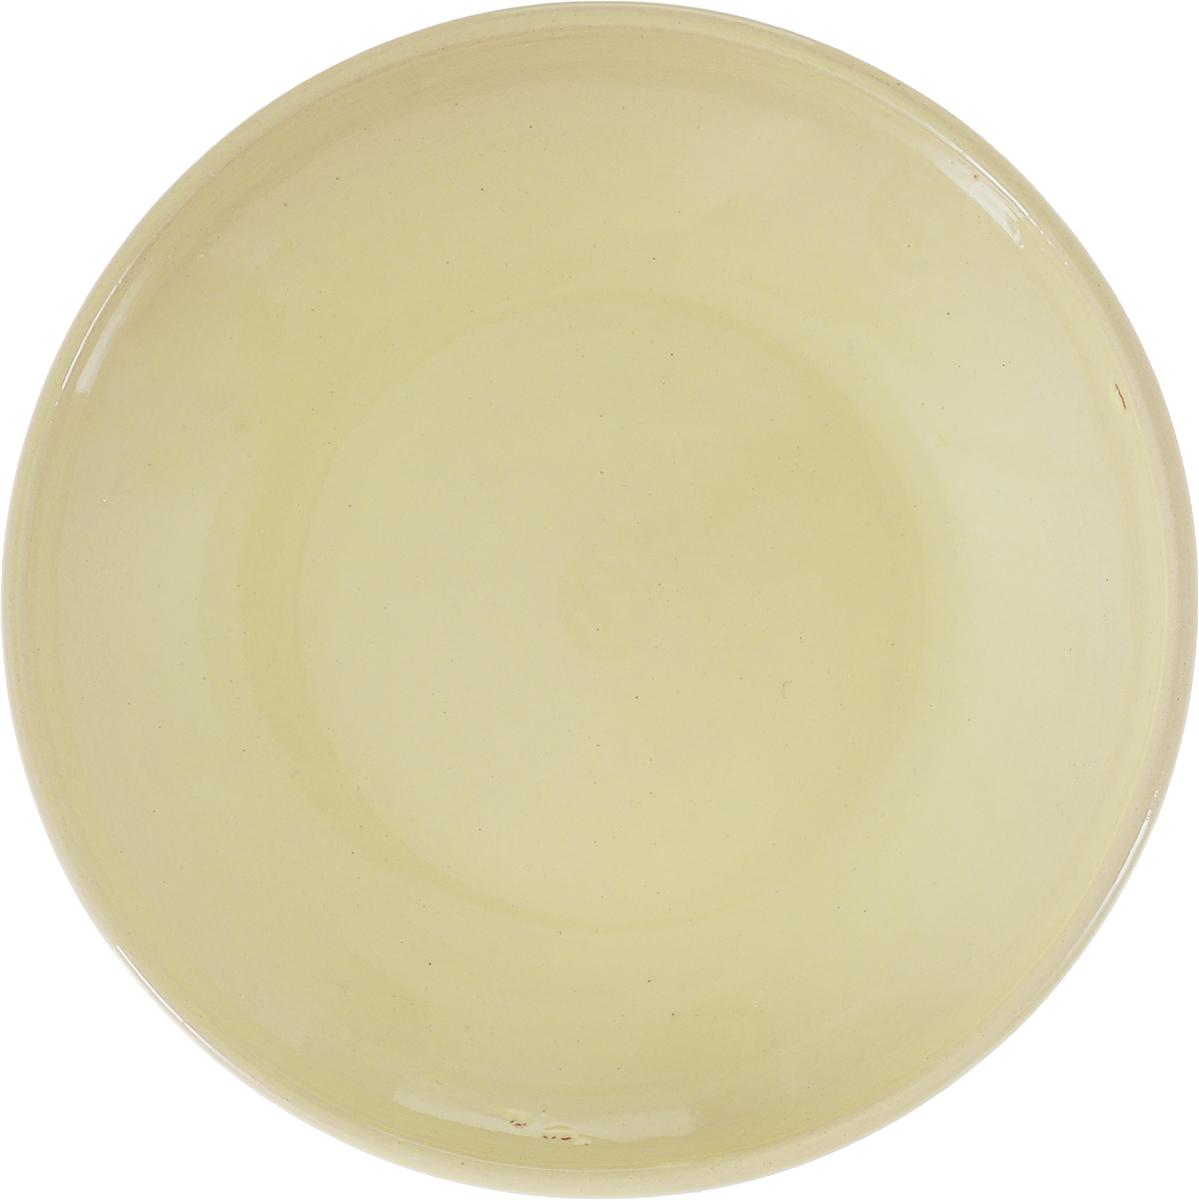 """Блюдце Борисовская керамика """"Радуга"""", цвет: песочно-желтый, диаметр 10 см"""